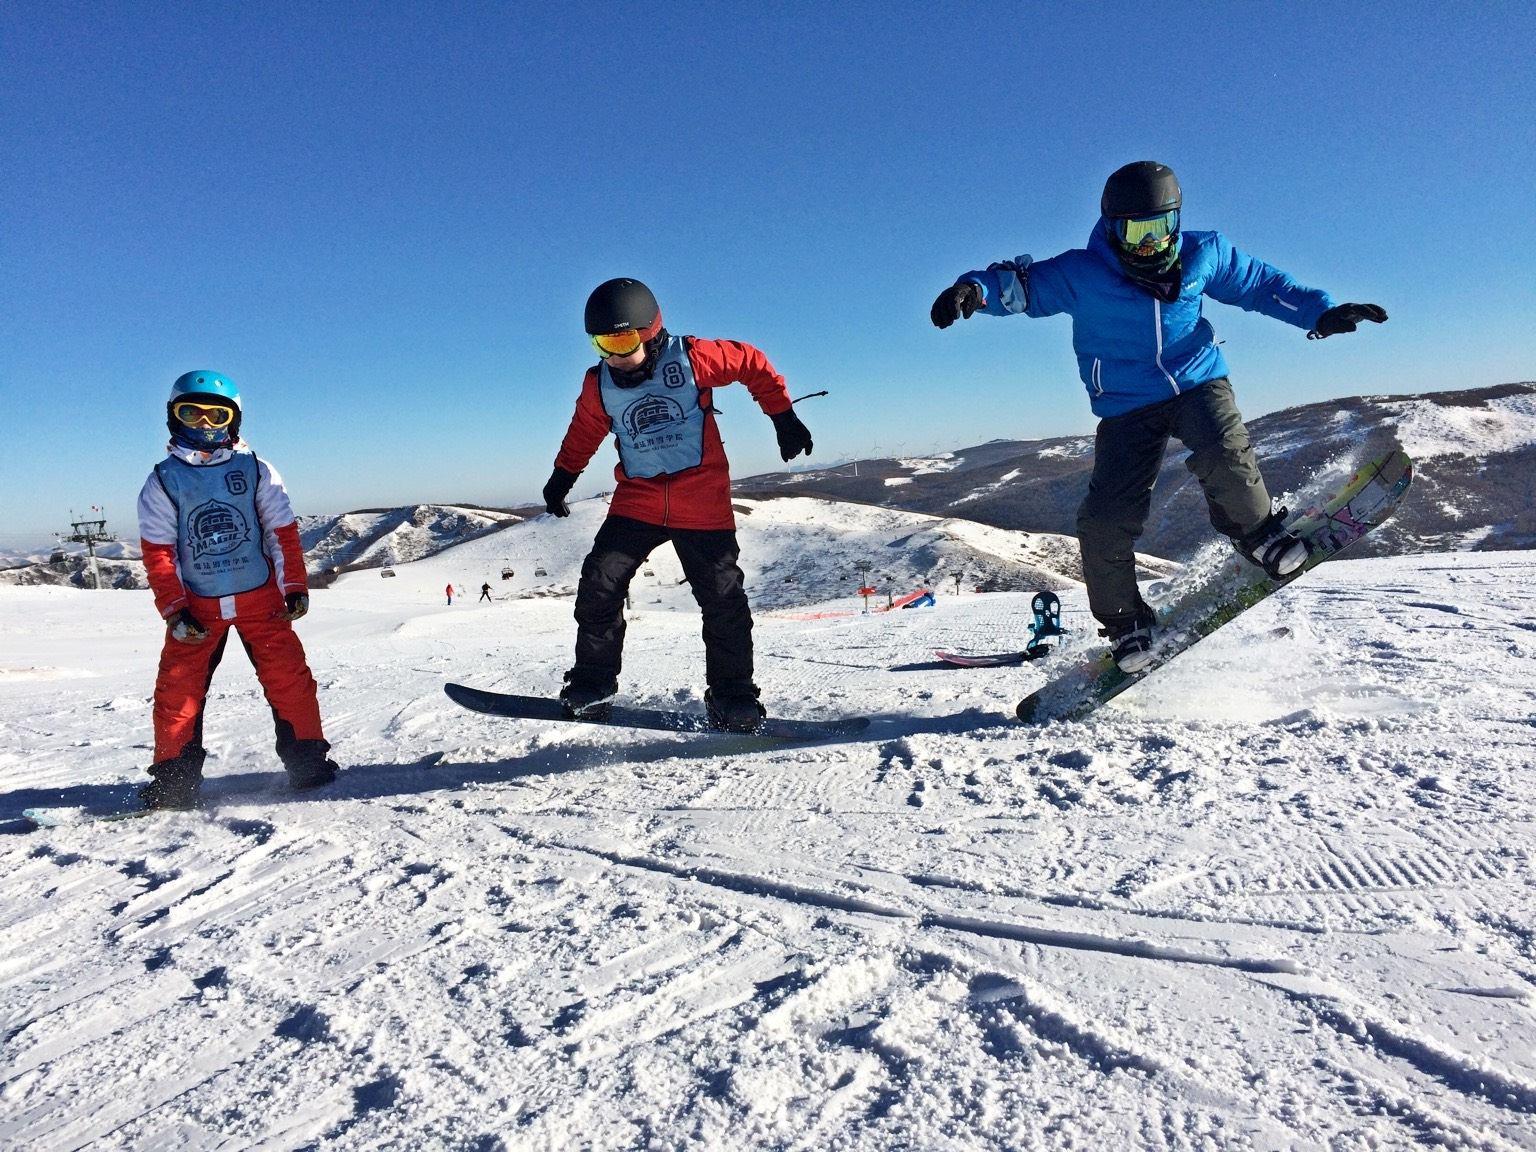 国内最顶级滑雪冬令营